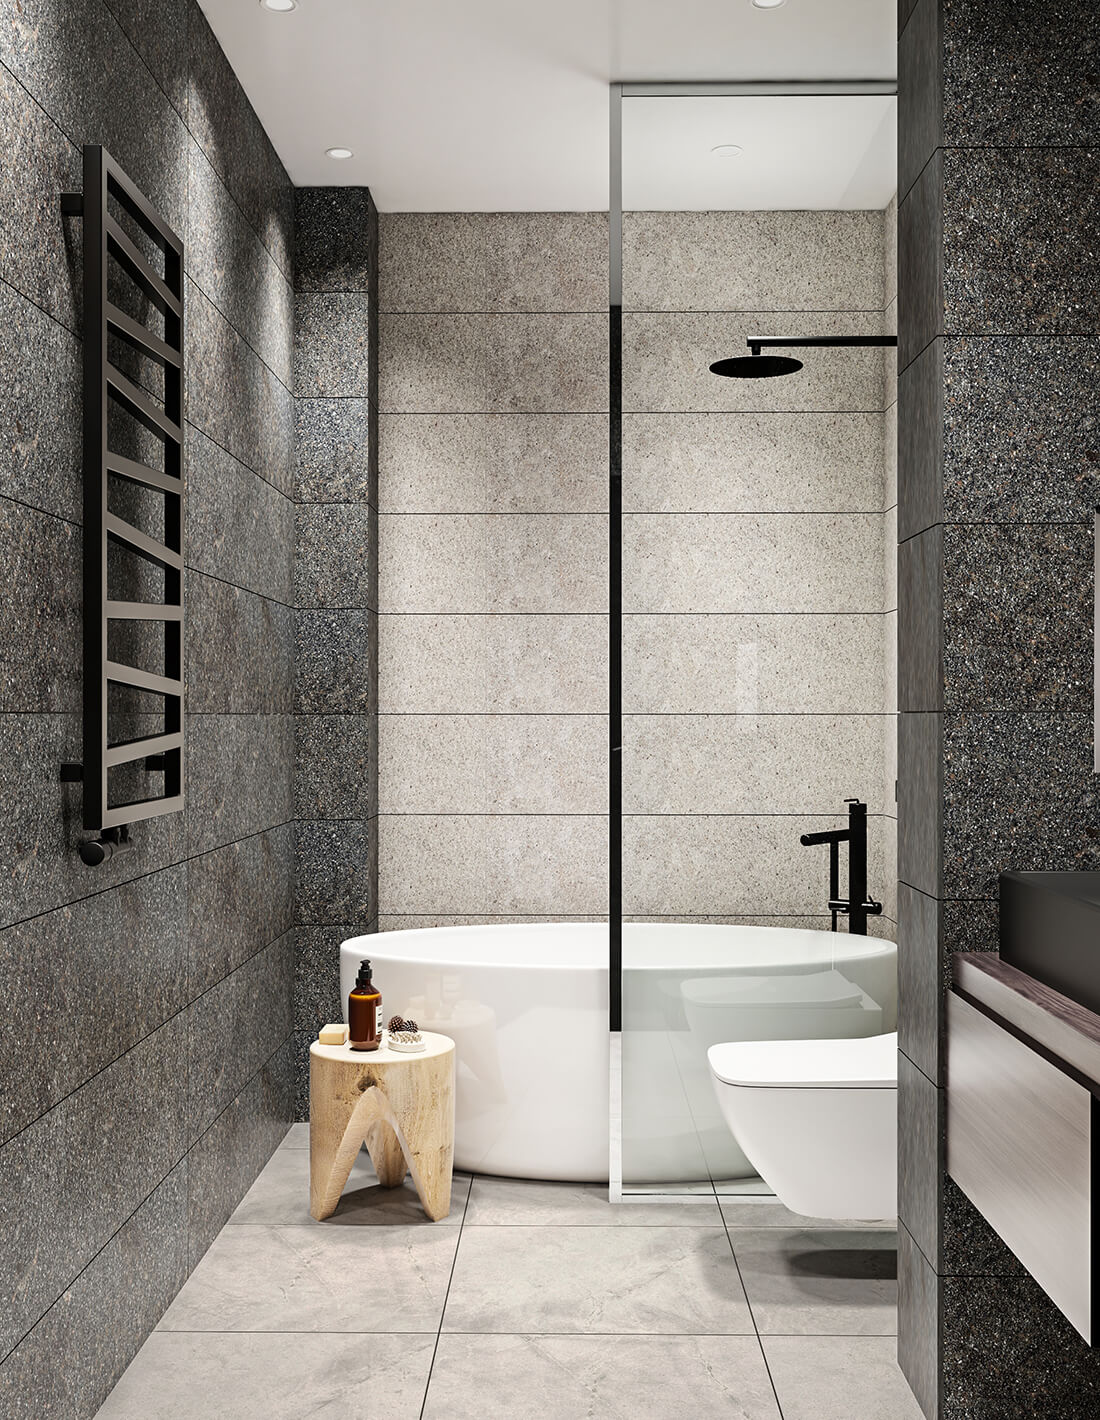 interioren-dizain-proekt-na-banya-po-poruchka-paulo